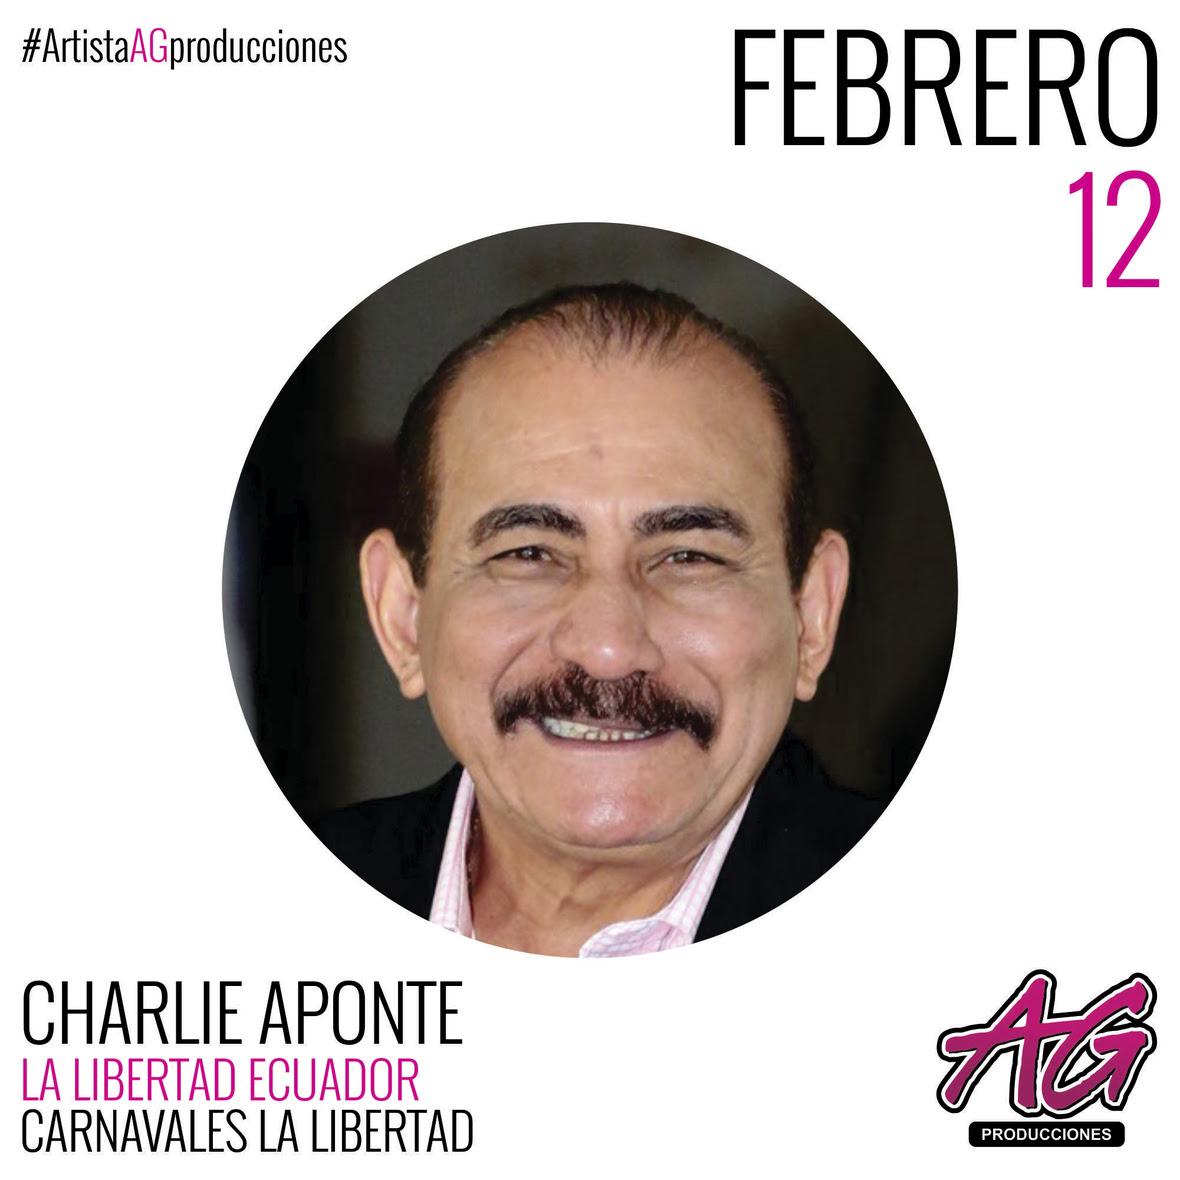 12 AG PRODUCCIONES - CHARLIE APONTE FEBRERO 12